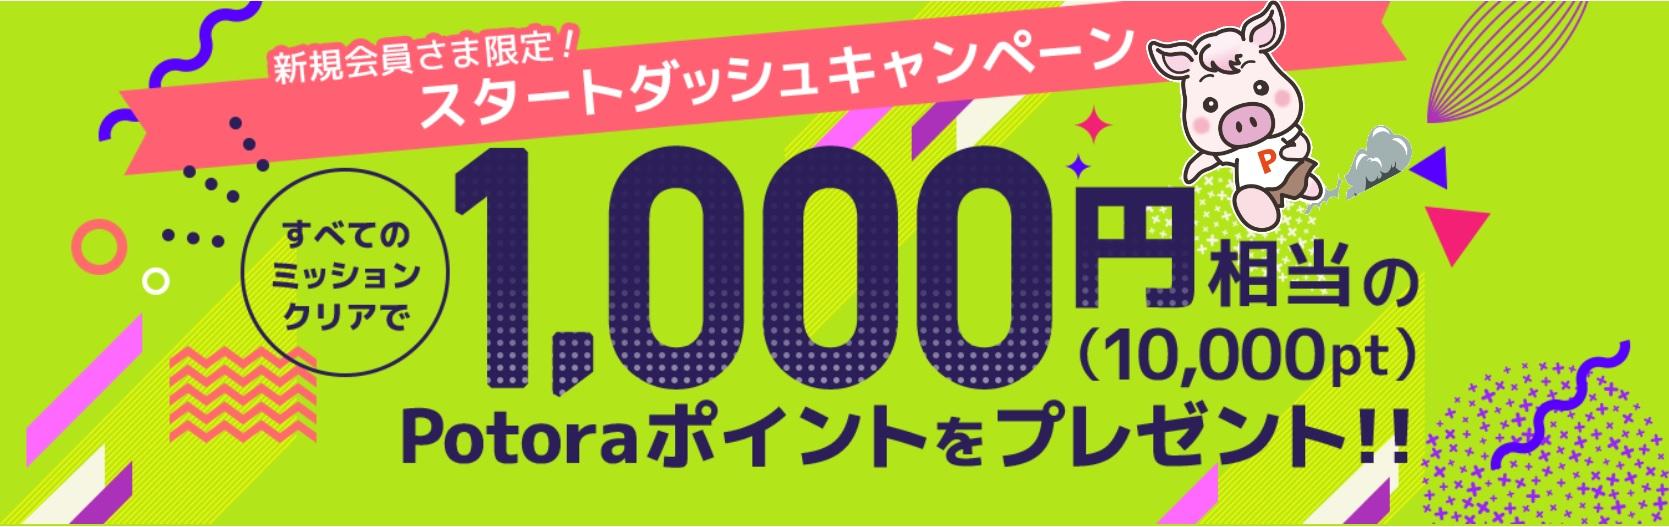 Potora 新規会員さま限定!スタートダッシュキャンペーンで1,000円相当のポイントが獲得できます。